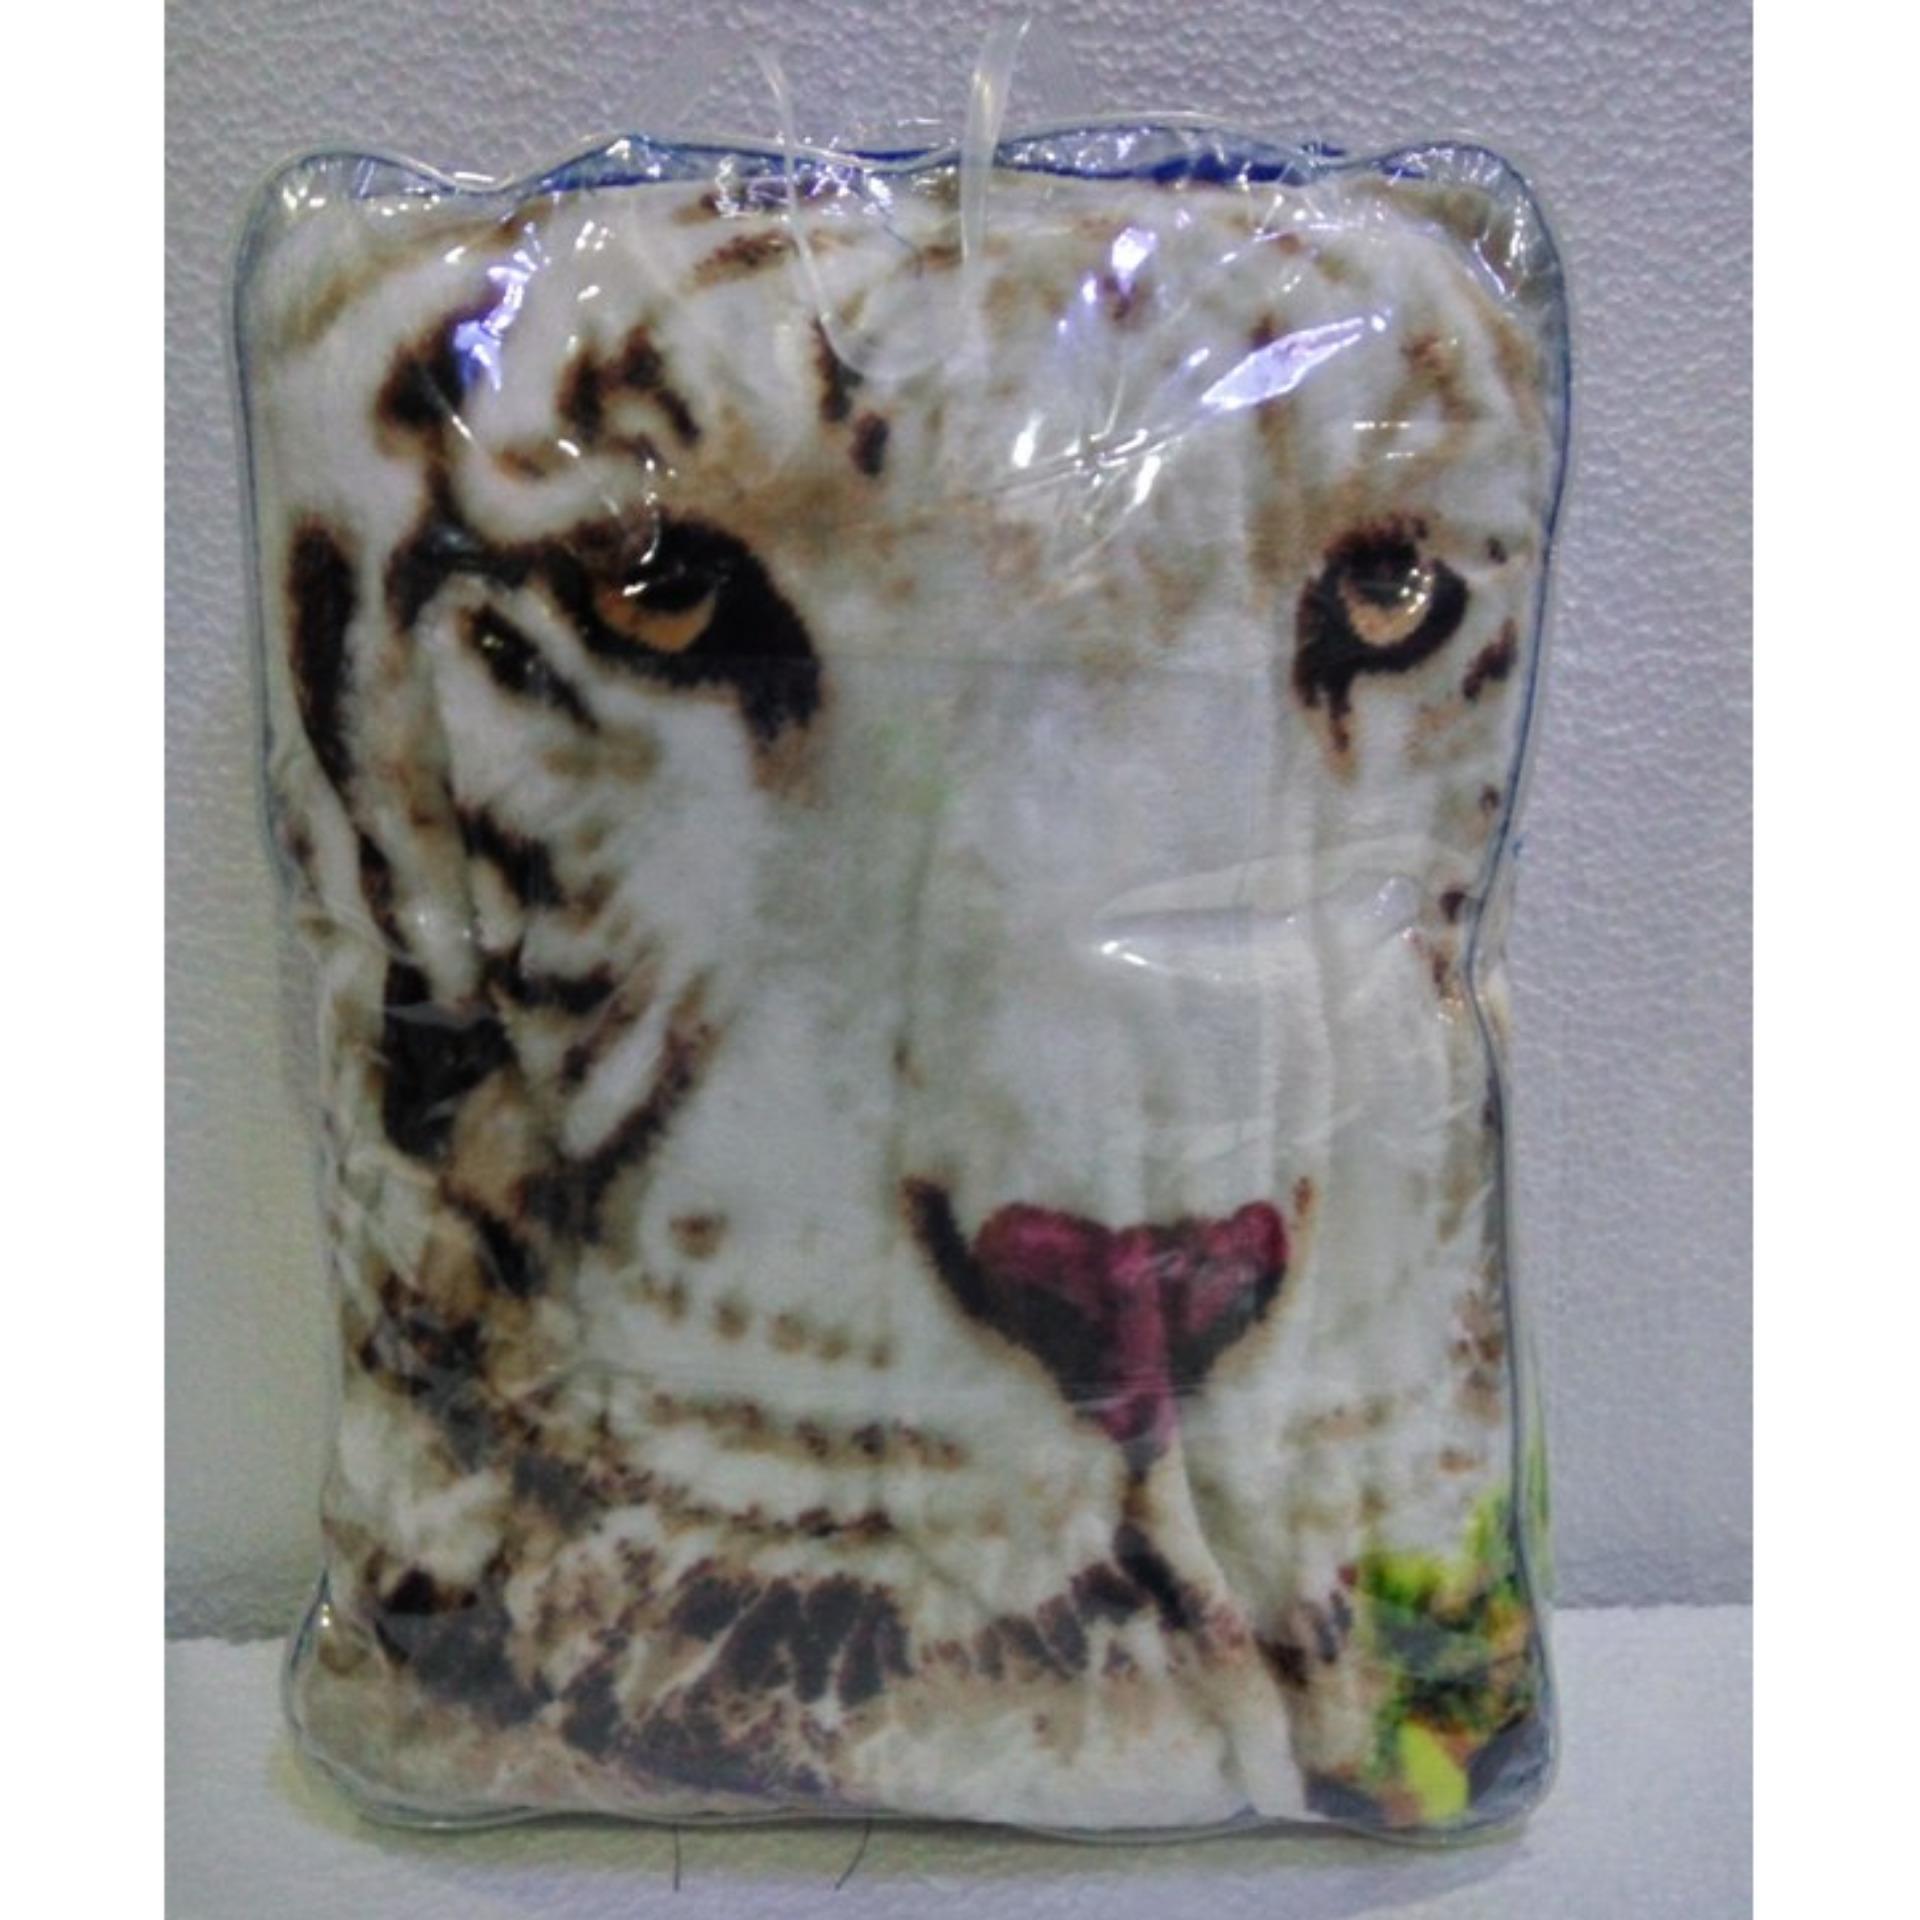 Jual Selimut Super Lembut Dan Tebal Merk Bonita 3D New White Tiger Uk 160X200 Cm Di Bawah Harga